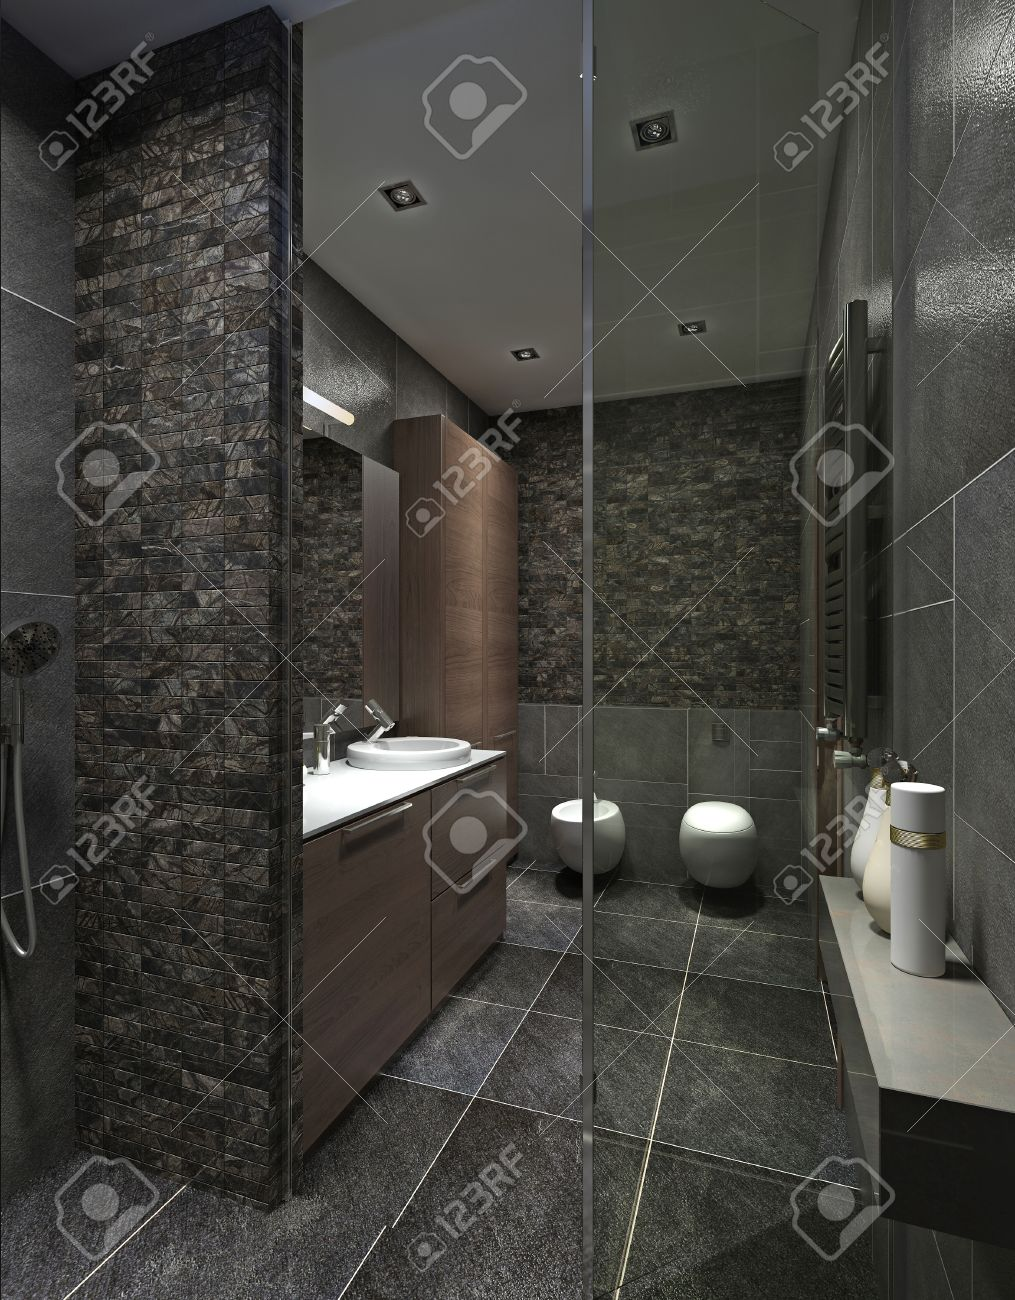 Cuarto De Baño Moderno En Azulejo Negro, Mosaico Y Muebles De Color ...